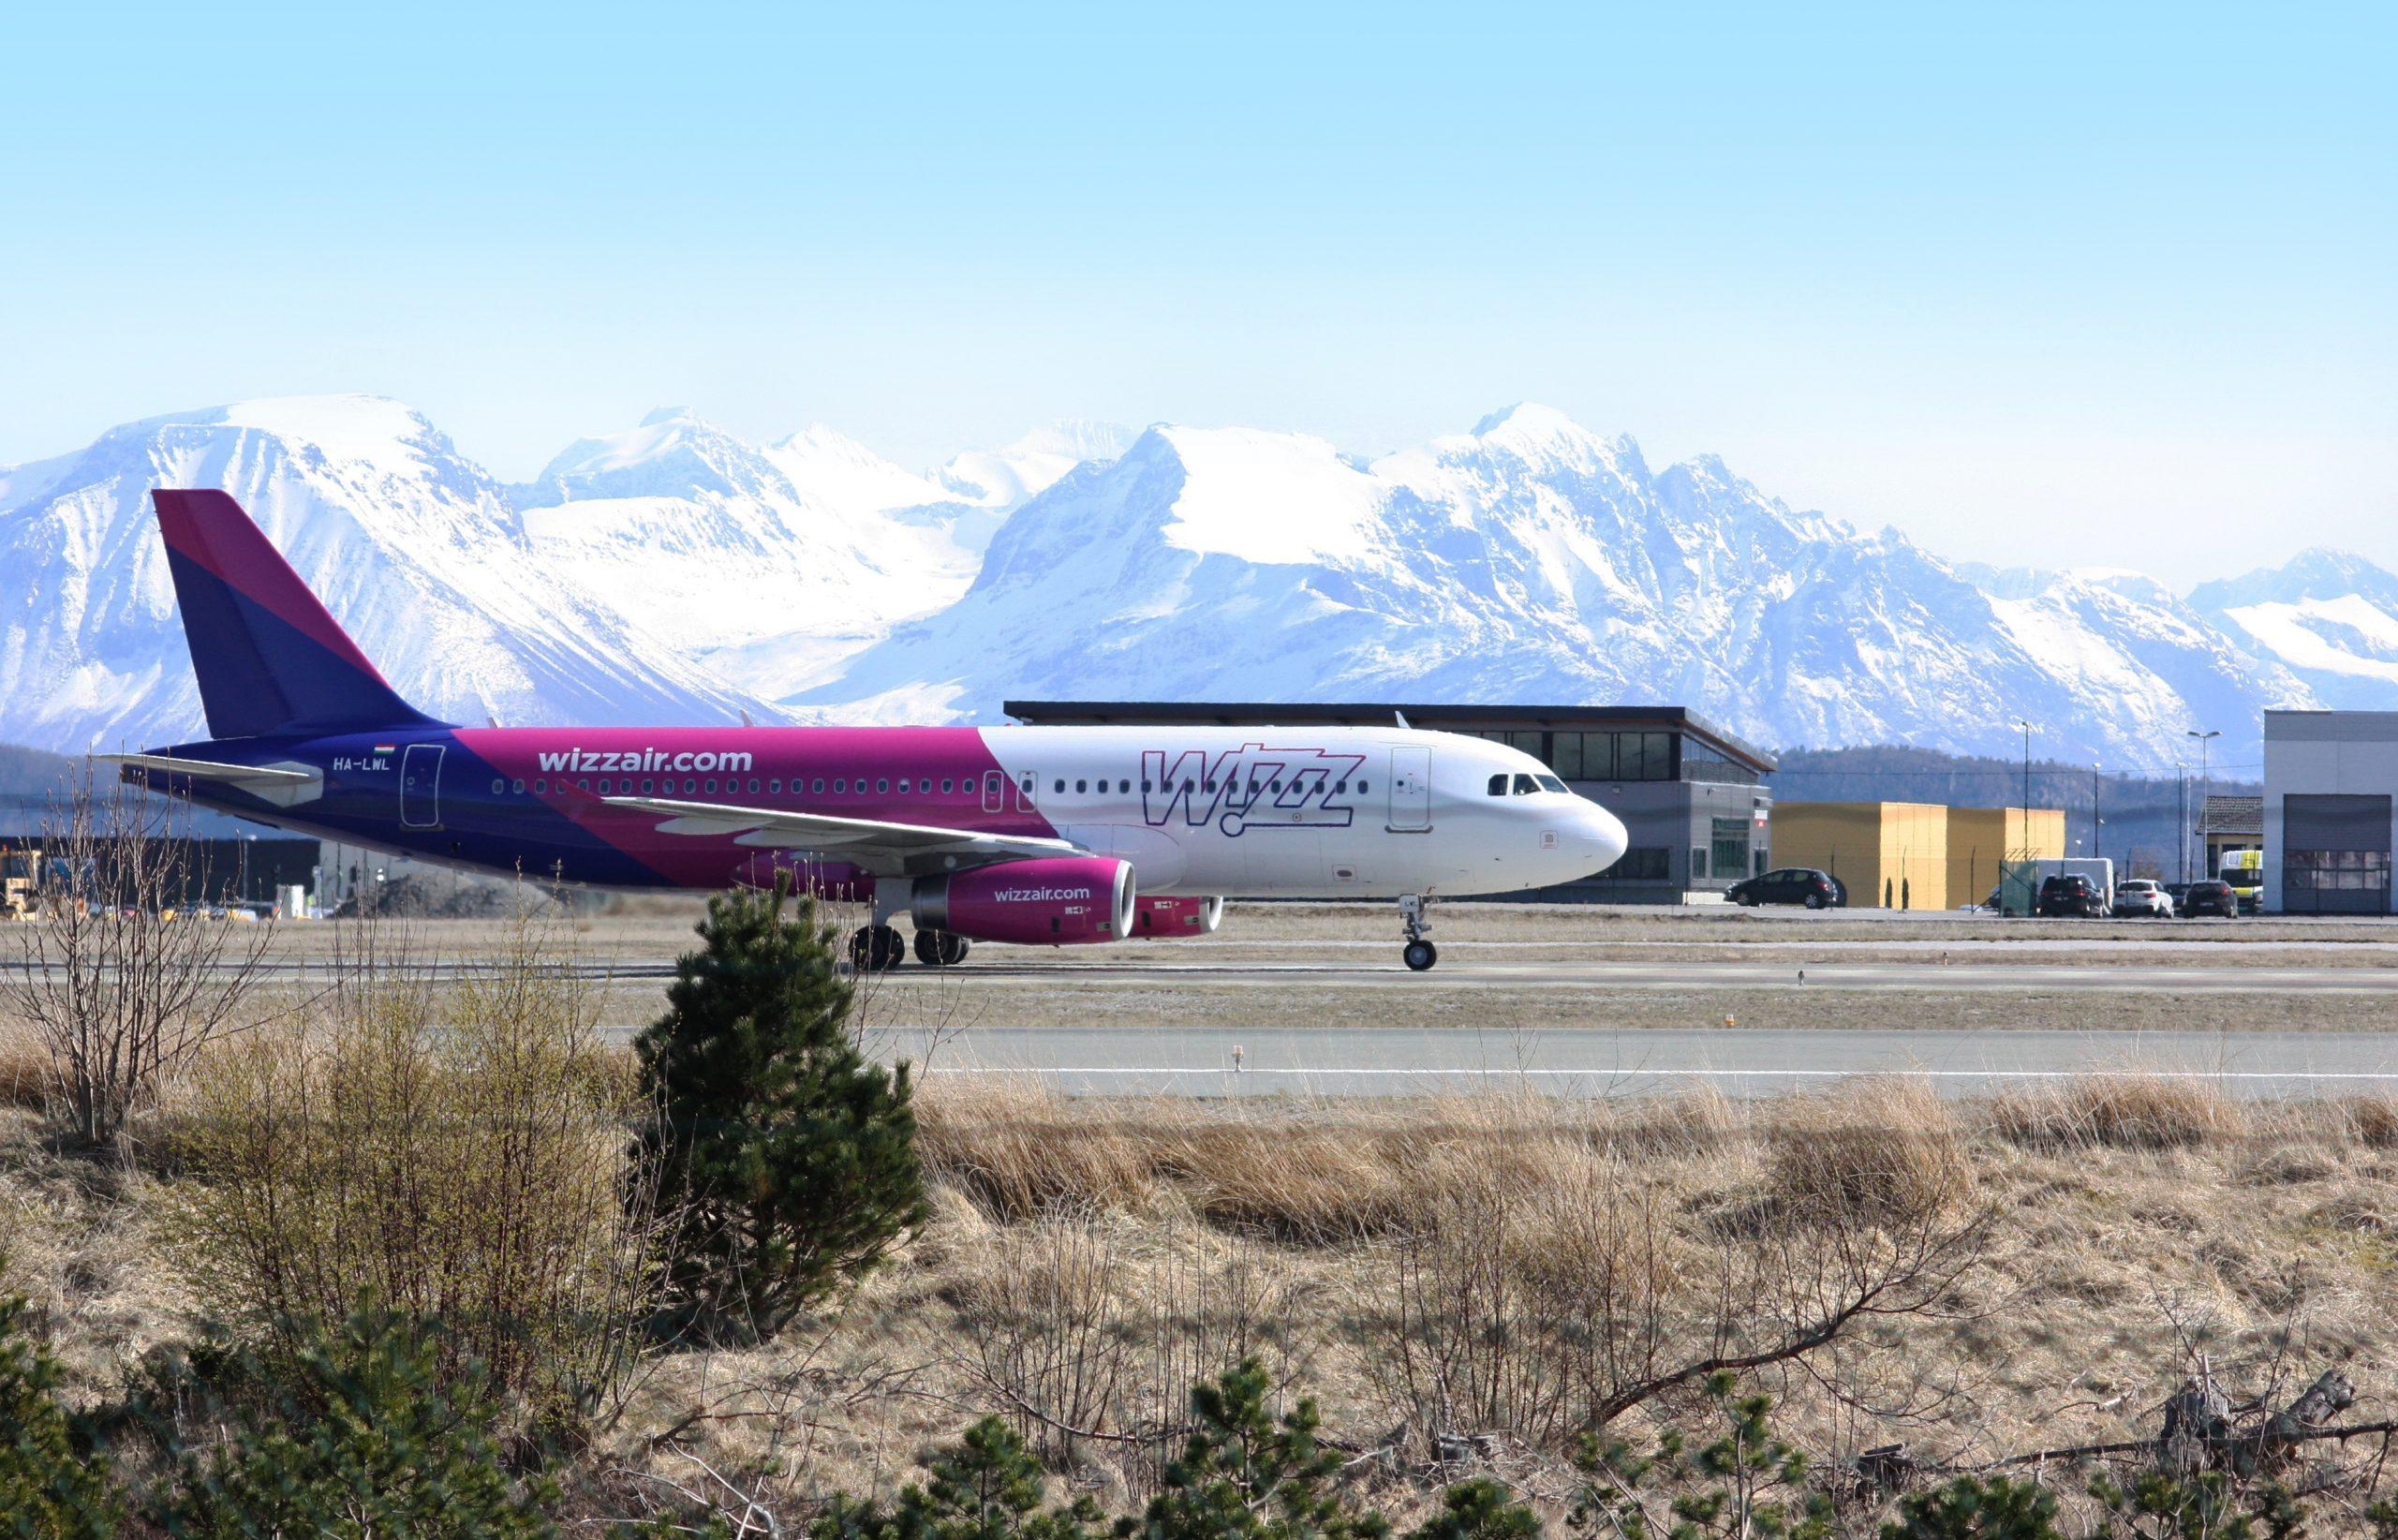 Airbus A320 fra Wizz Air i Ålesund-Vigra lufthavnen. (Foto: shutterstock_685899301)